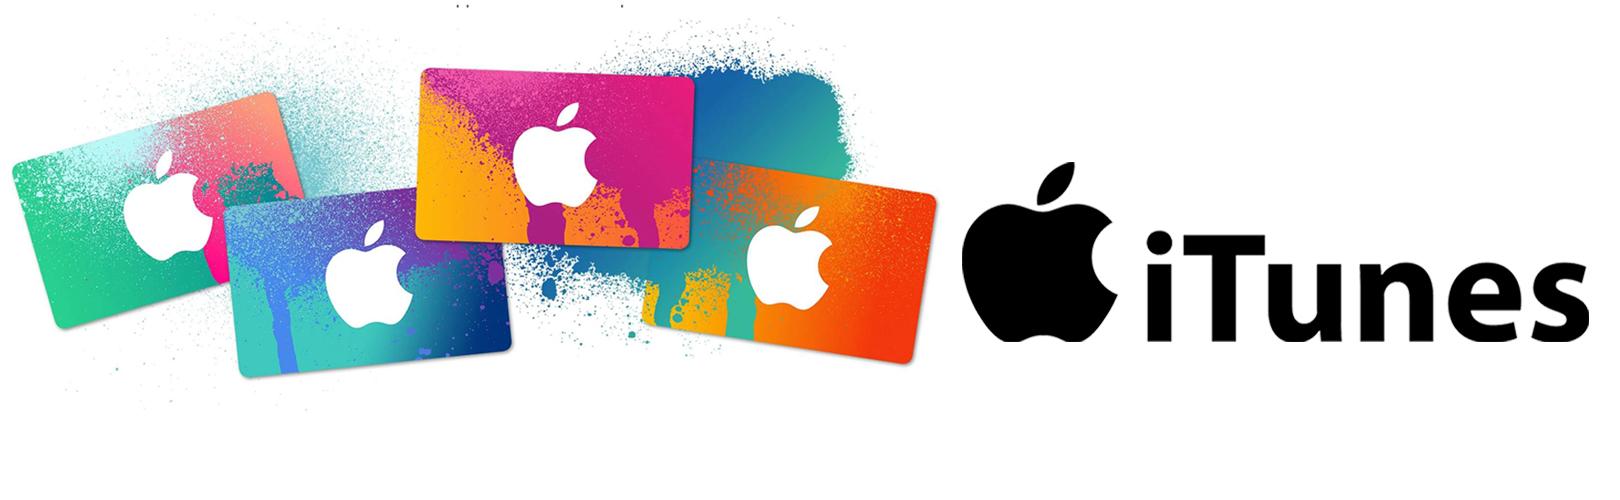 €59 iTunes δωροκάρτα αξίας 100€